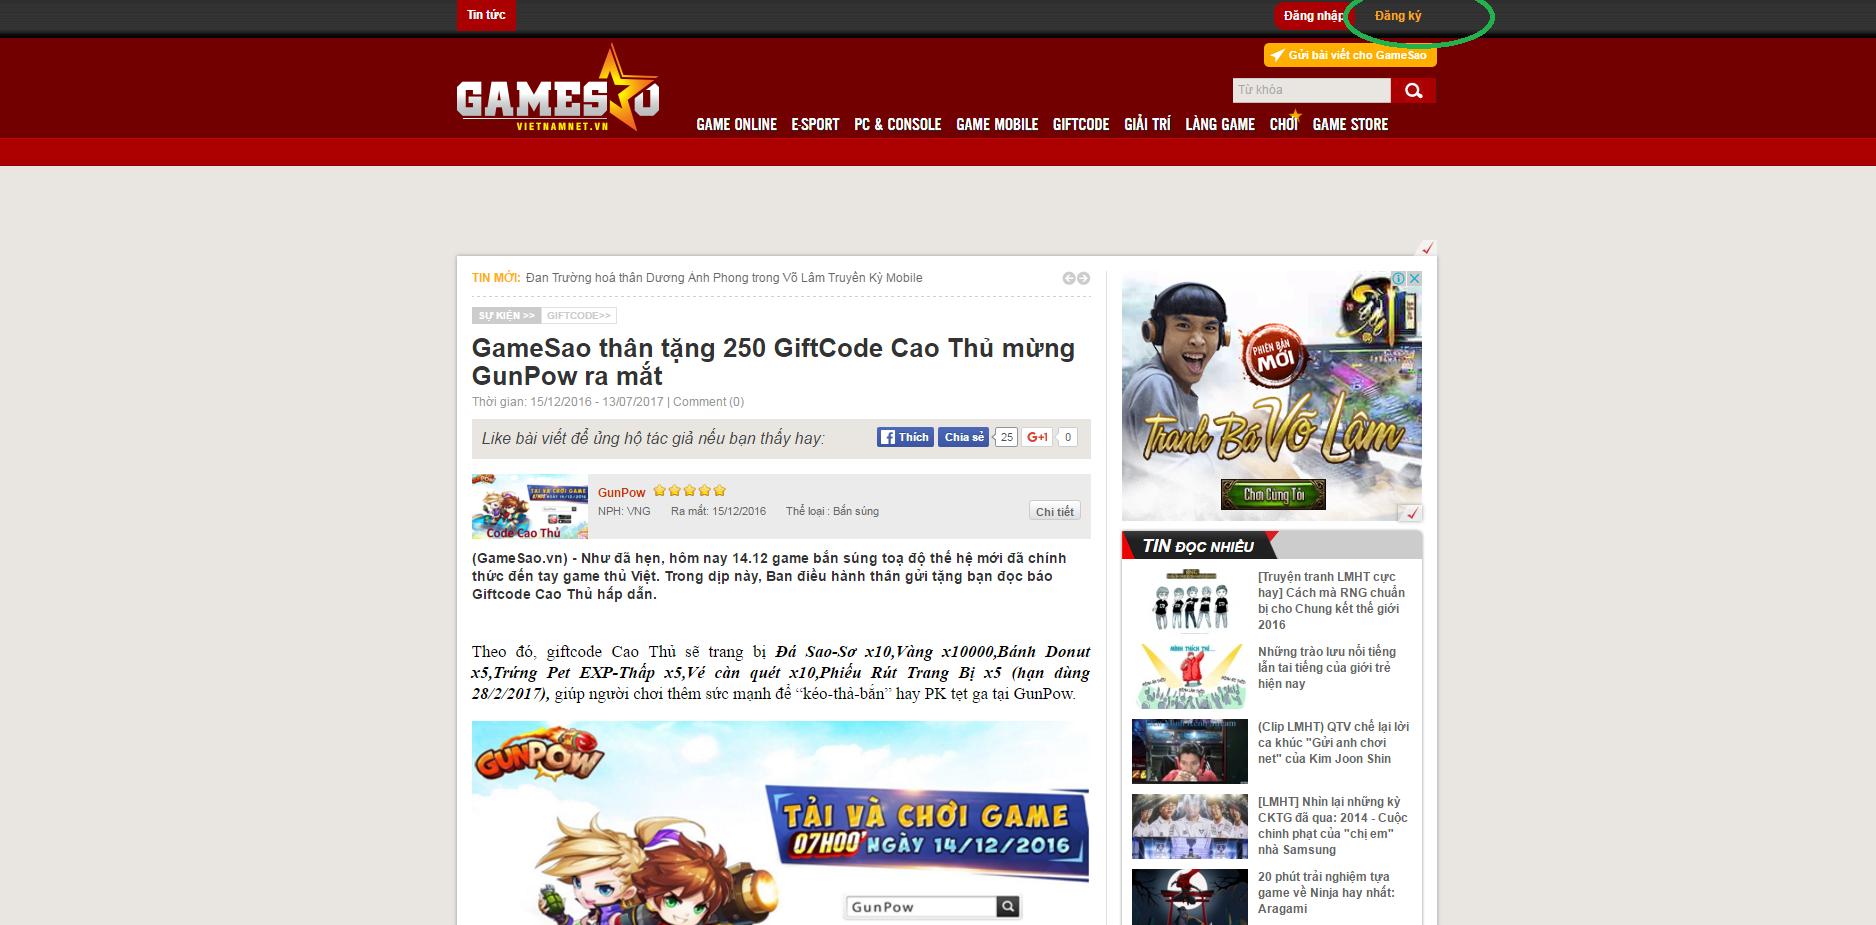 GameSao thân tặng 300 GiftCode mừng Xuất Kích ra mắt nhân vật Ana - ảnh 2